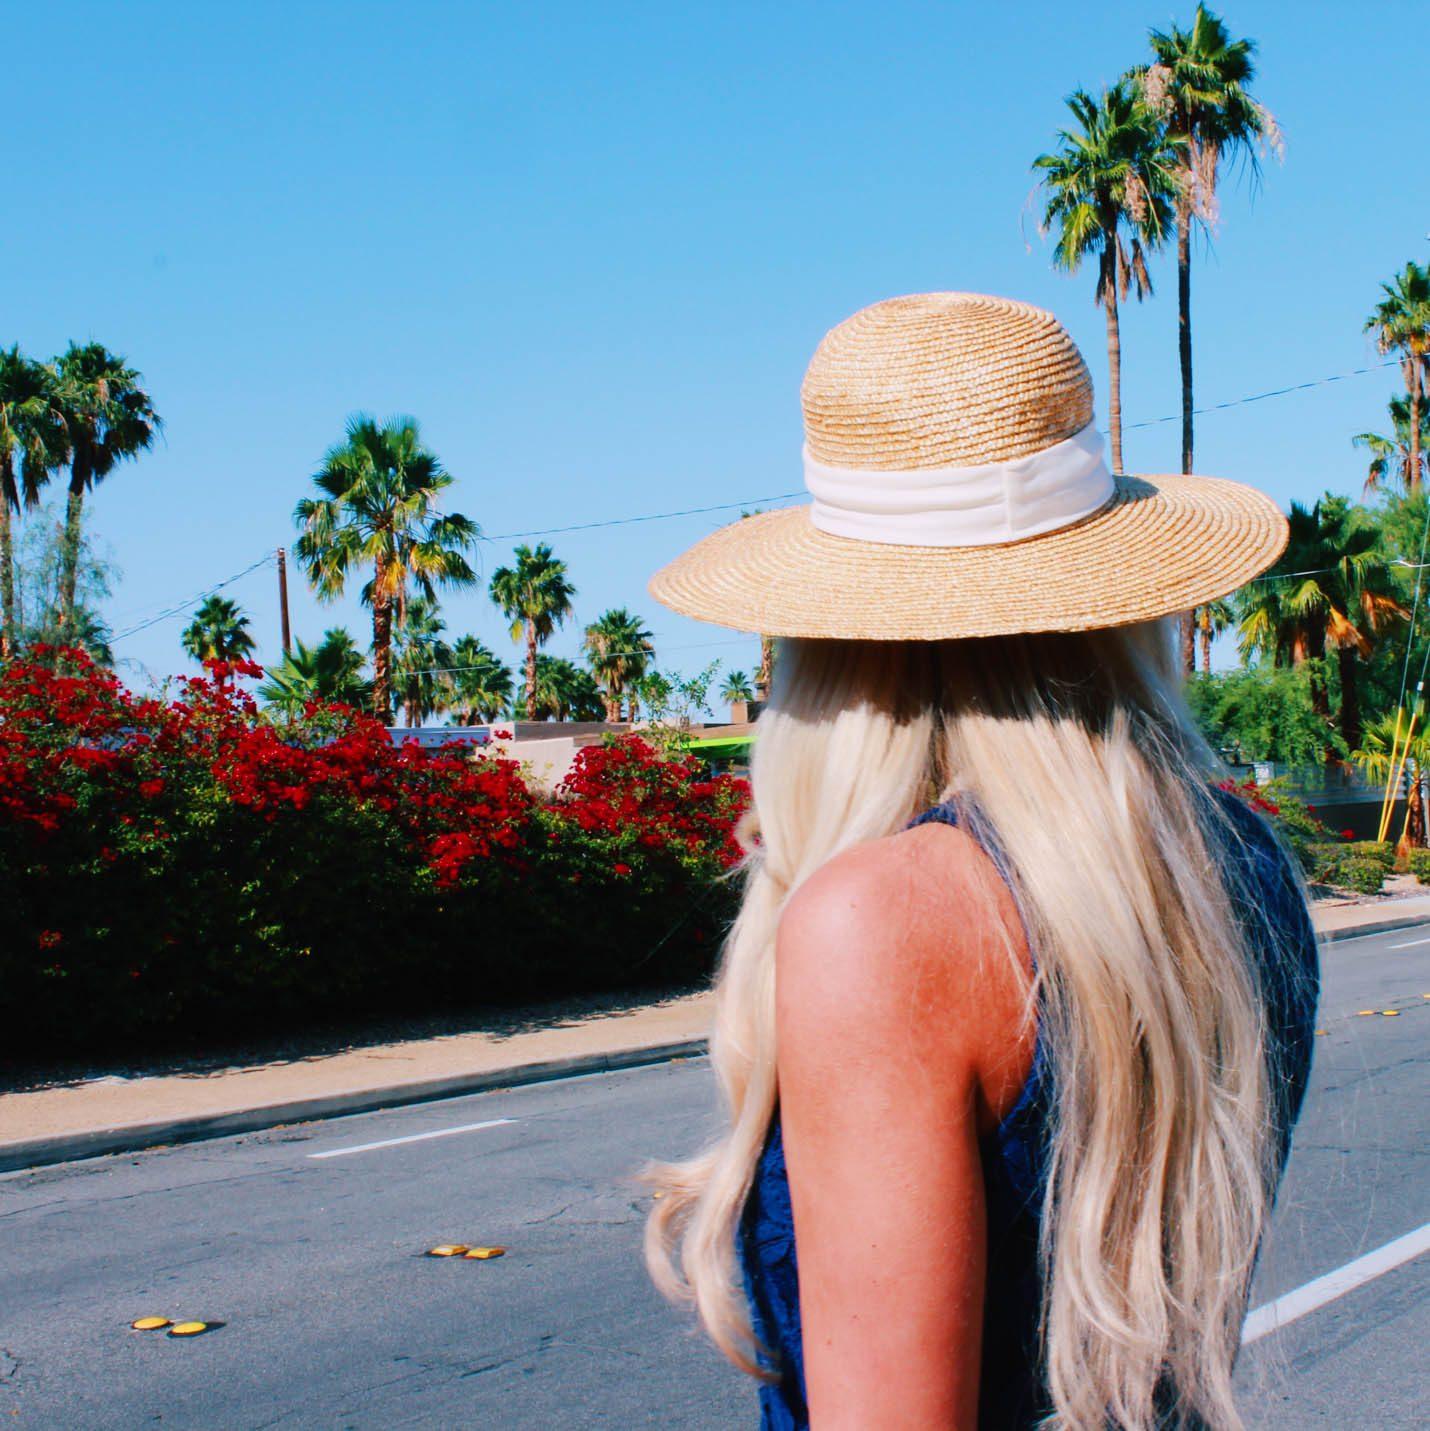 5-28-16-Palm-Springs-11